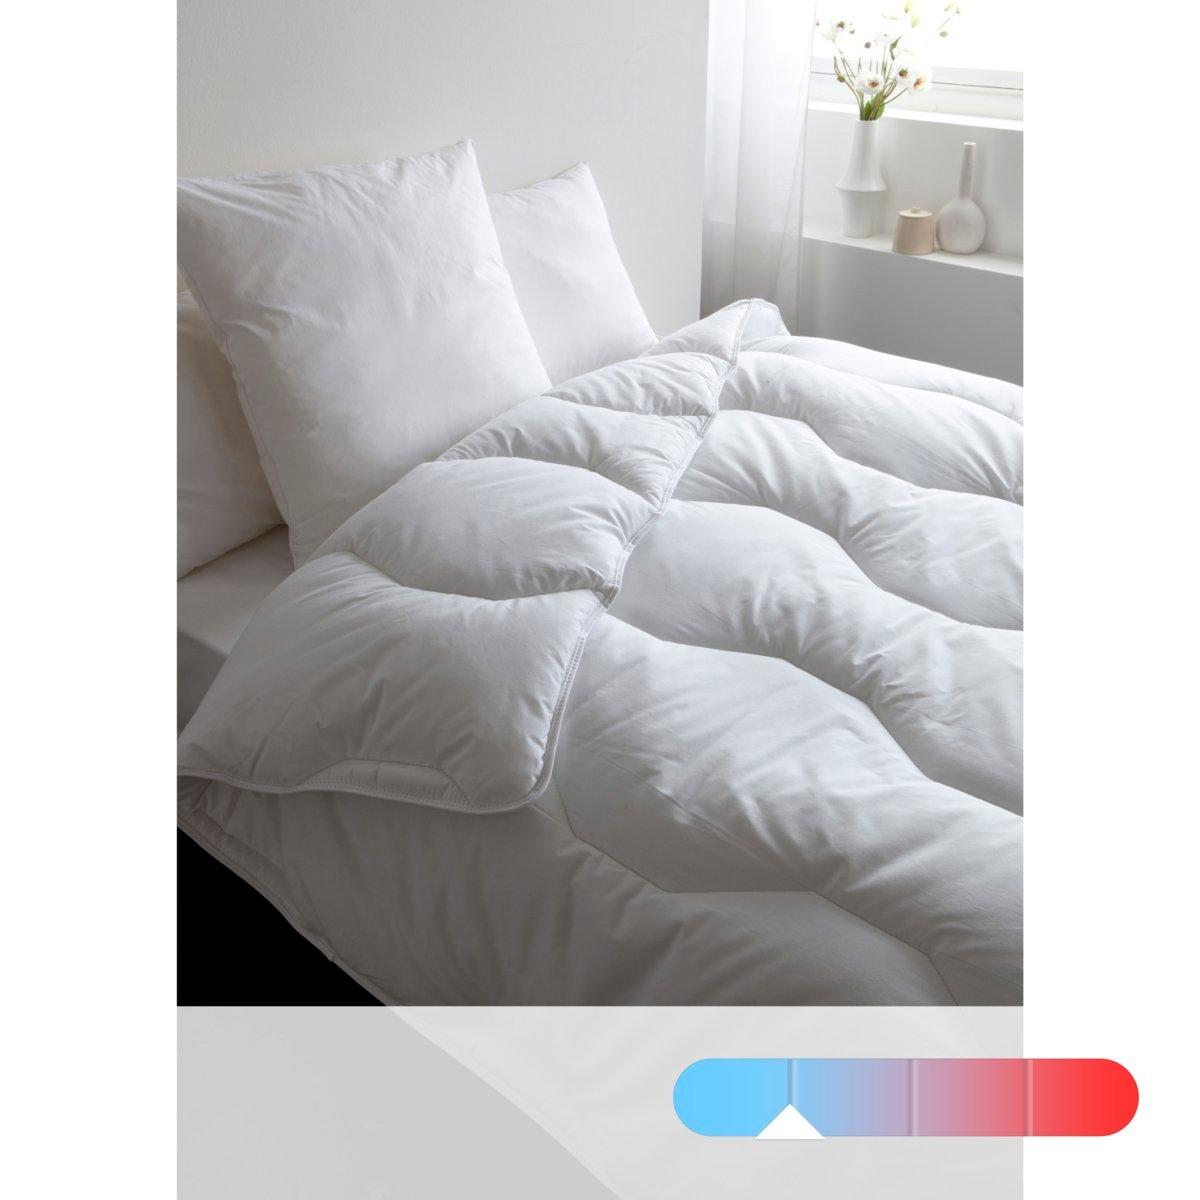 Одеяло175 г/м2. Практично: стирка при 95° для идеальной гигиены. Наполнитель: полые силиконизированные волокна полиэстера. Простежка шестиугольниками. Чехол из микрофибры, 100% полиэстера. Отделка кантом и двойная отстрочка. Поставка в чехле.<br><br>Цвет: белый